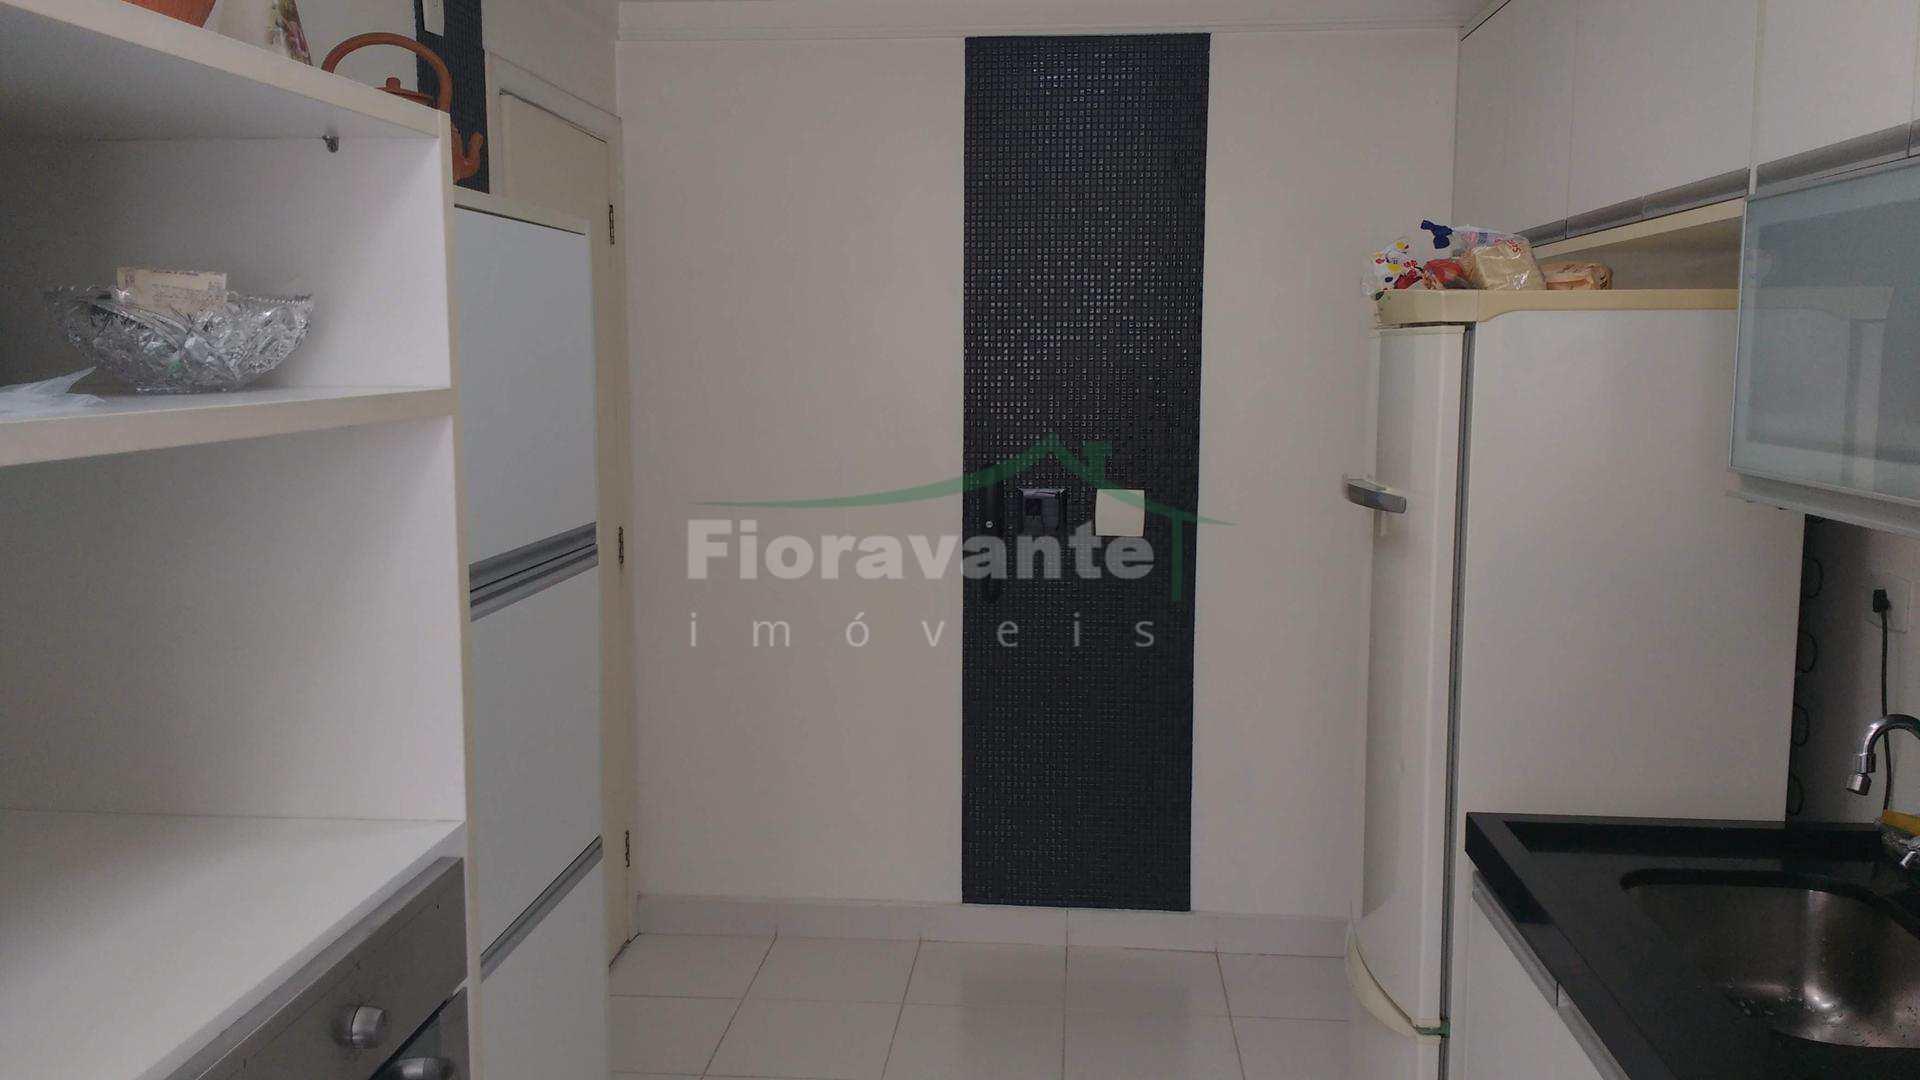 Apartamento com 4 dorm, Boqueirão, Santos. A 2 quadras da praia